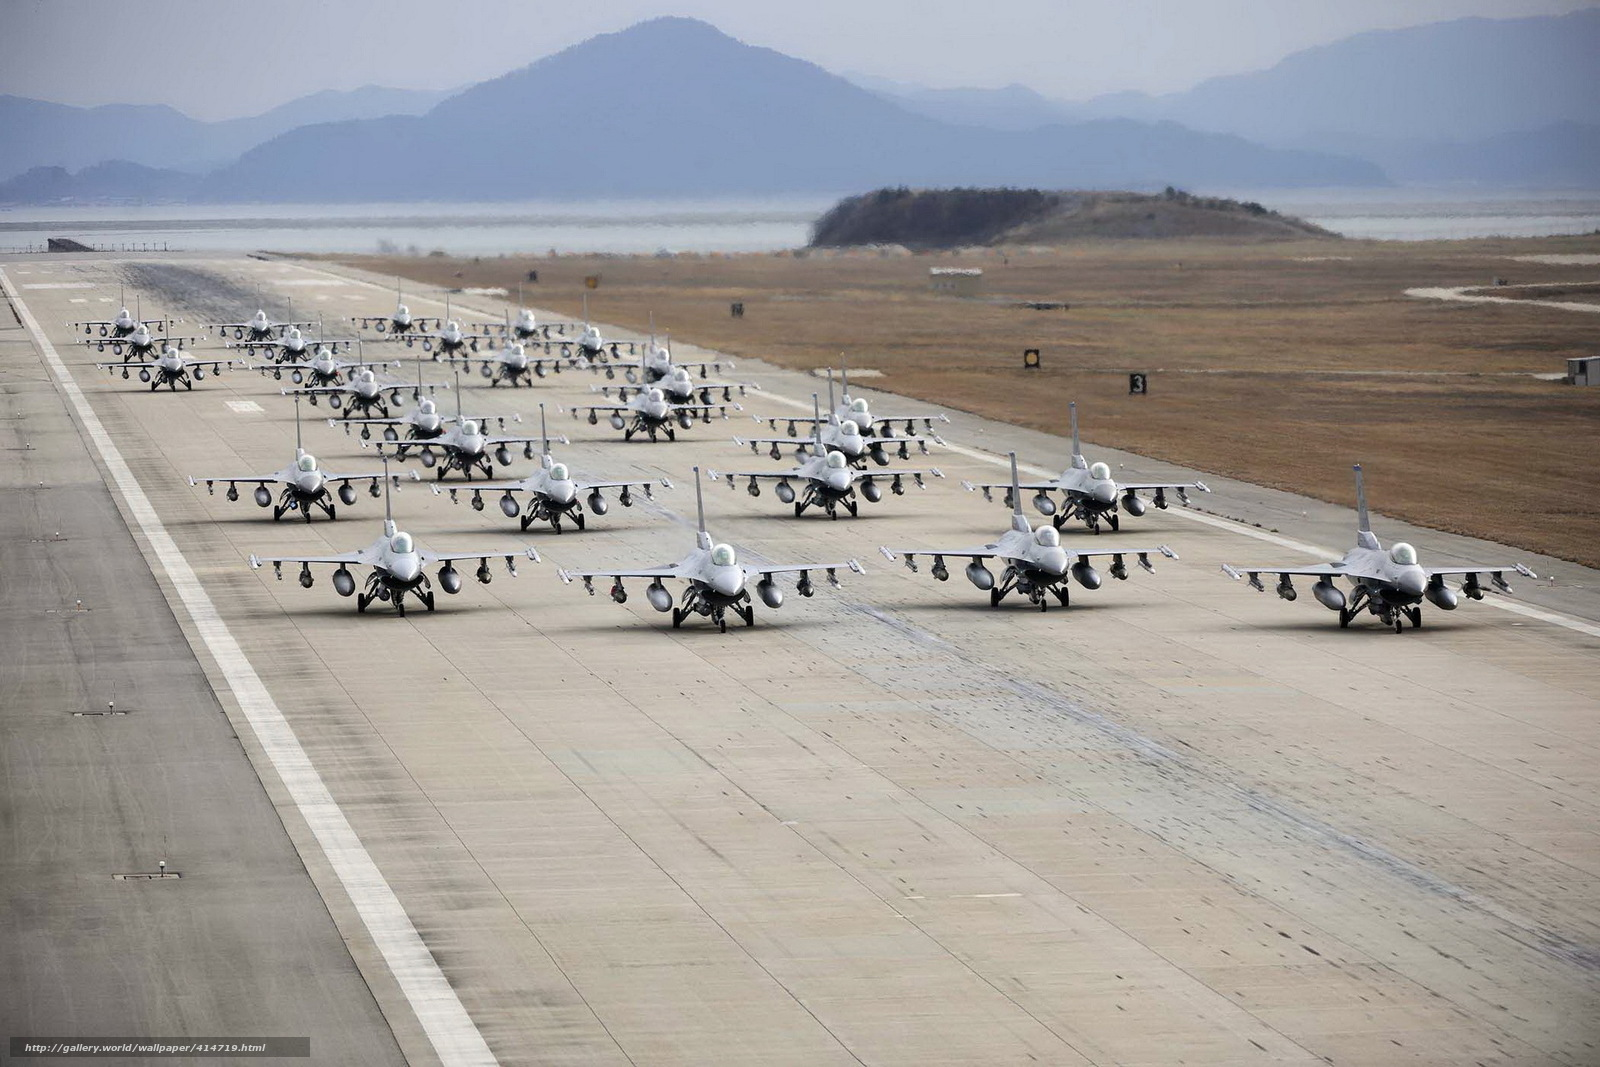 Скачать обои самолёты,  аэродром,  оружие бесплатно для рабочего стола в разрешении 1920x1280 — картинка №414719